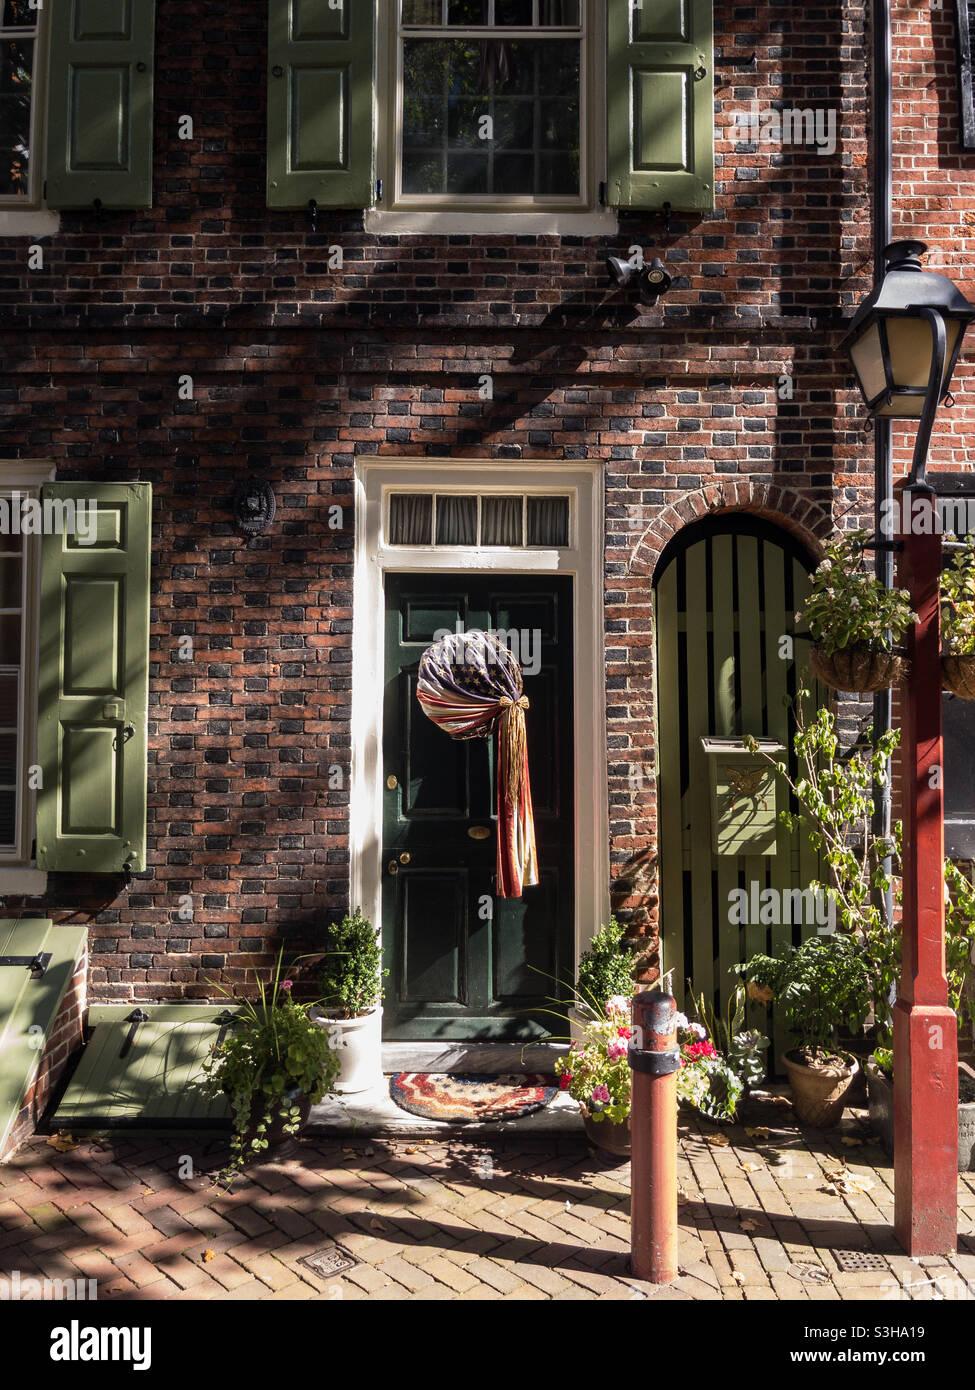 Historische Straße Elfreth's Alley in Philadelphia, im Old City Viertel gelegen Stockfoto